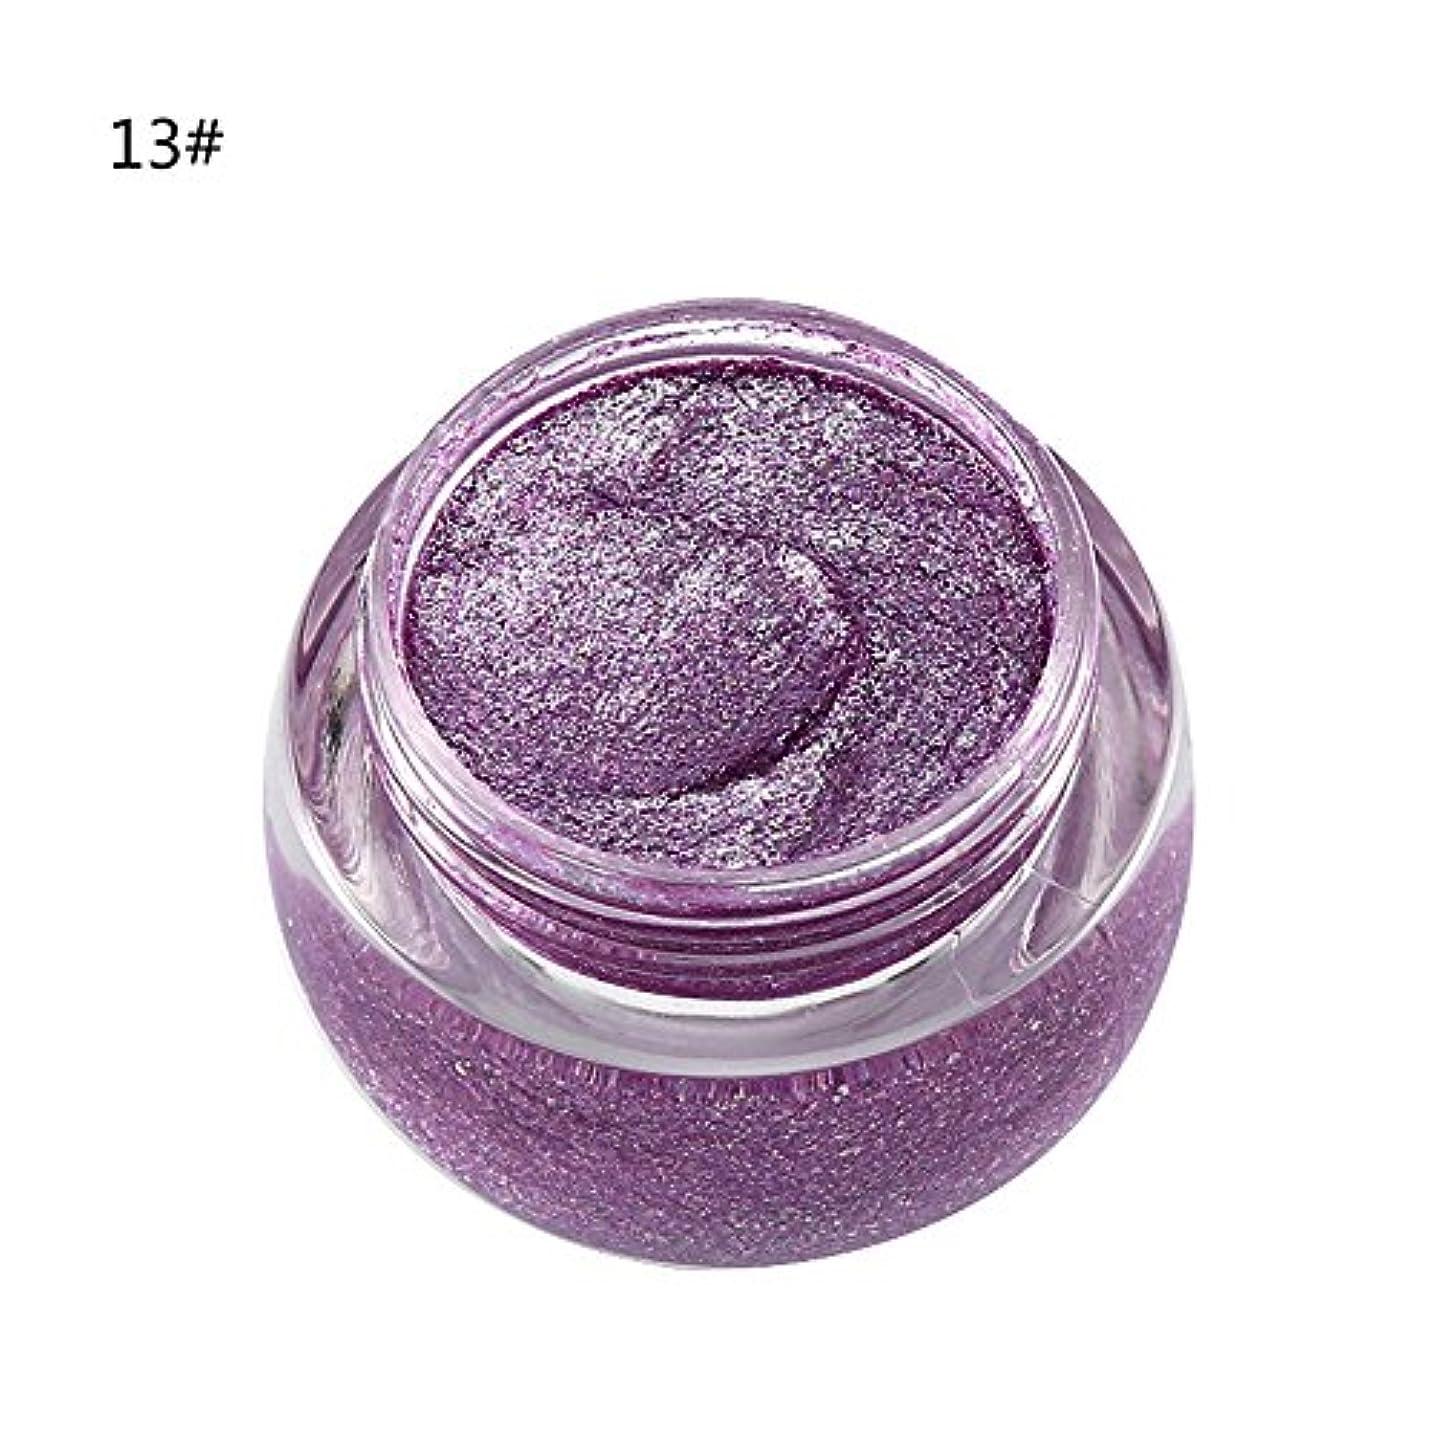 メトロポリタン実際松明アイシャドウ 単色 化粧品 光沢 保湿 キラキラ 美しい タイプ 13